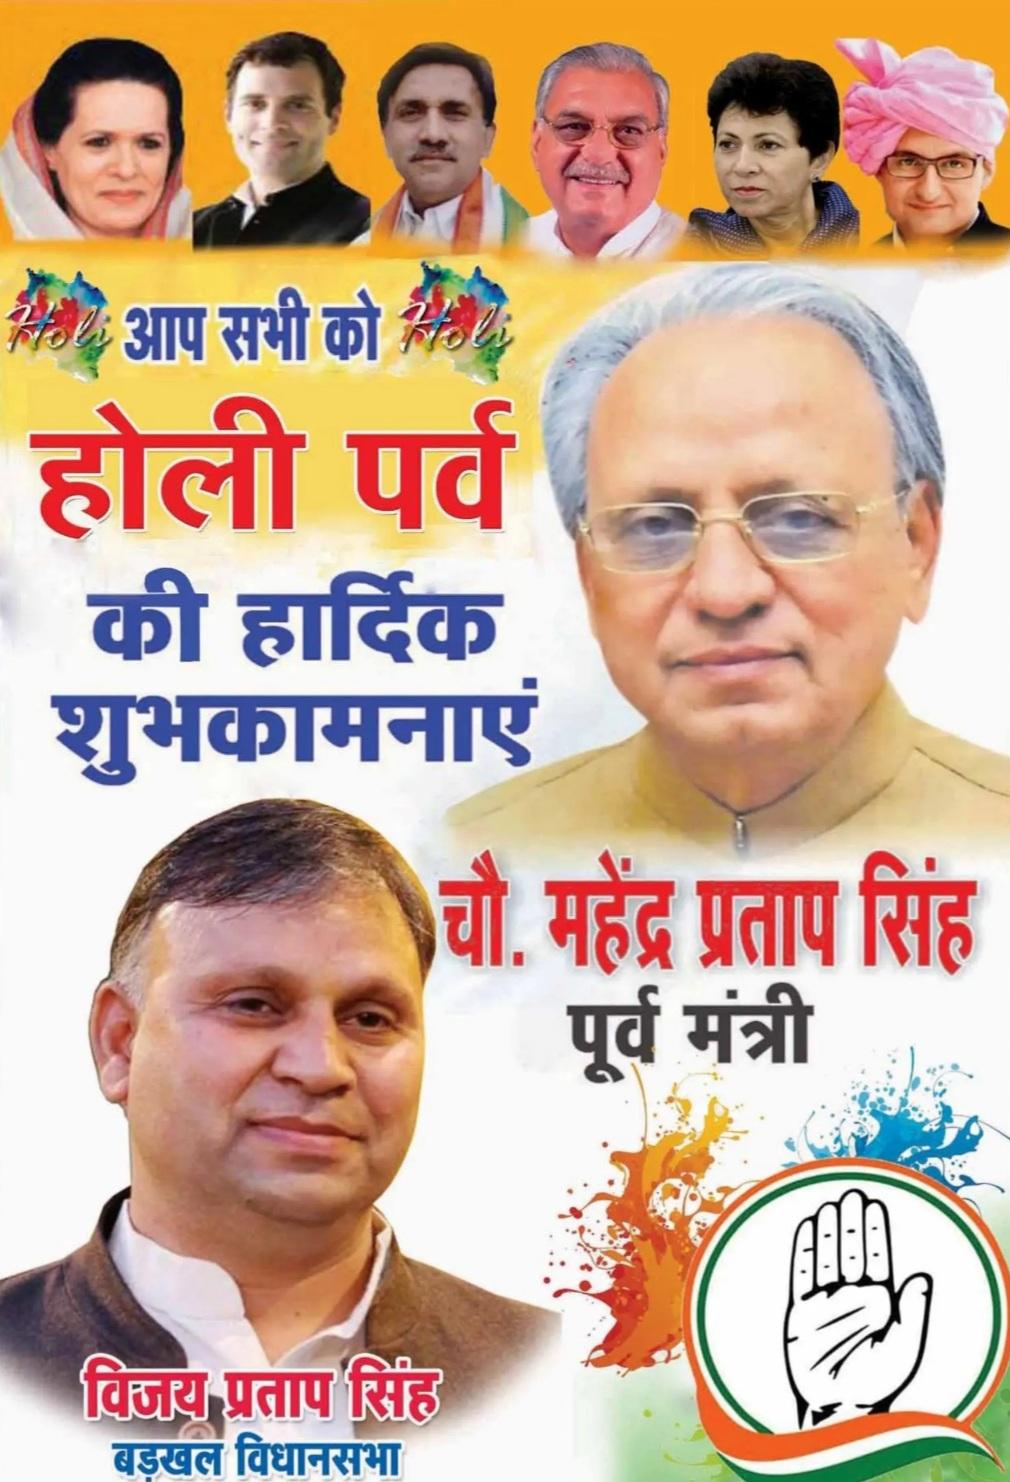 Happy Holi Wish BY Vijay Partap